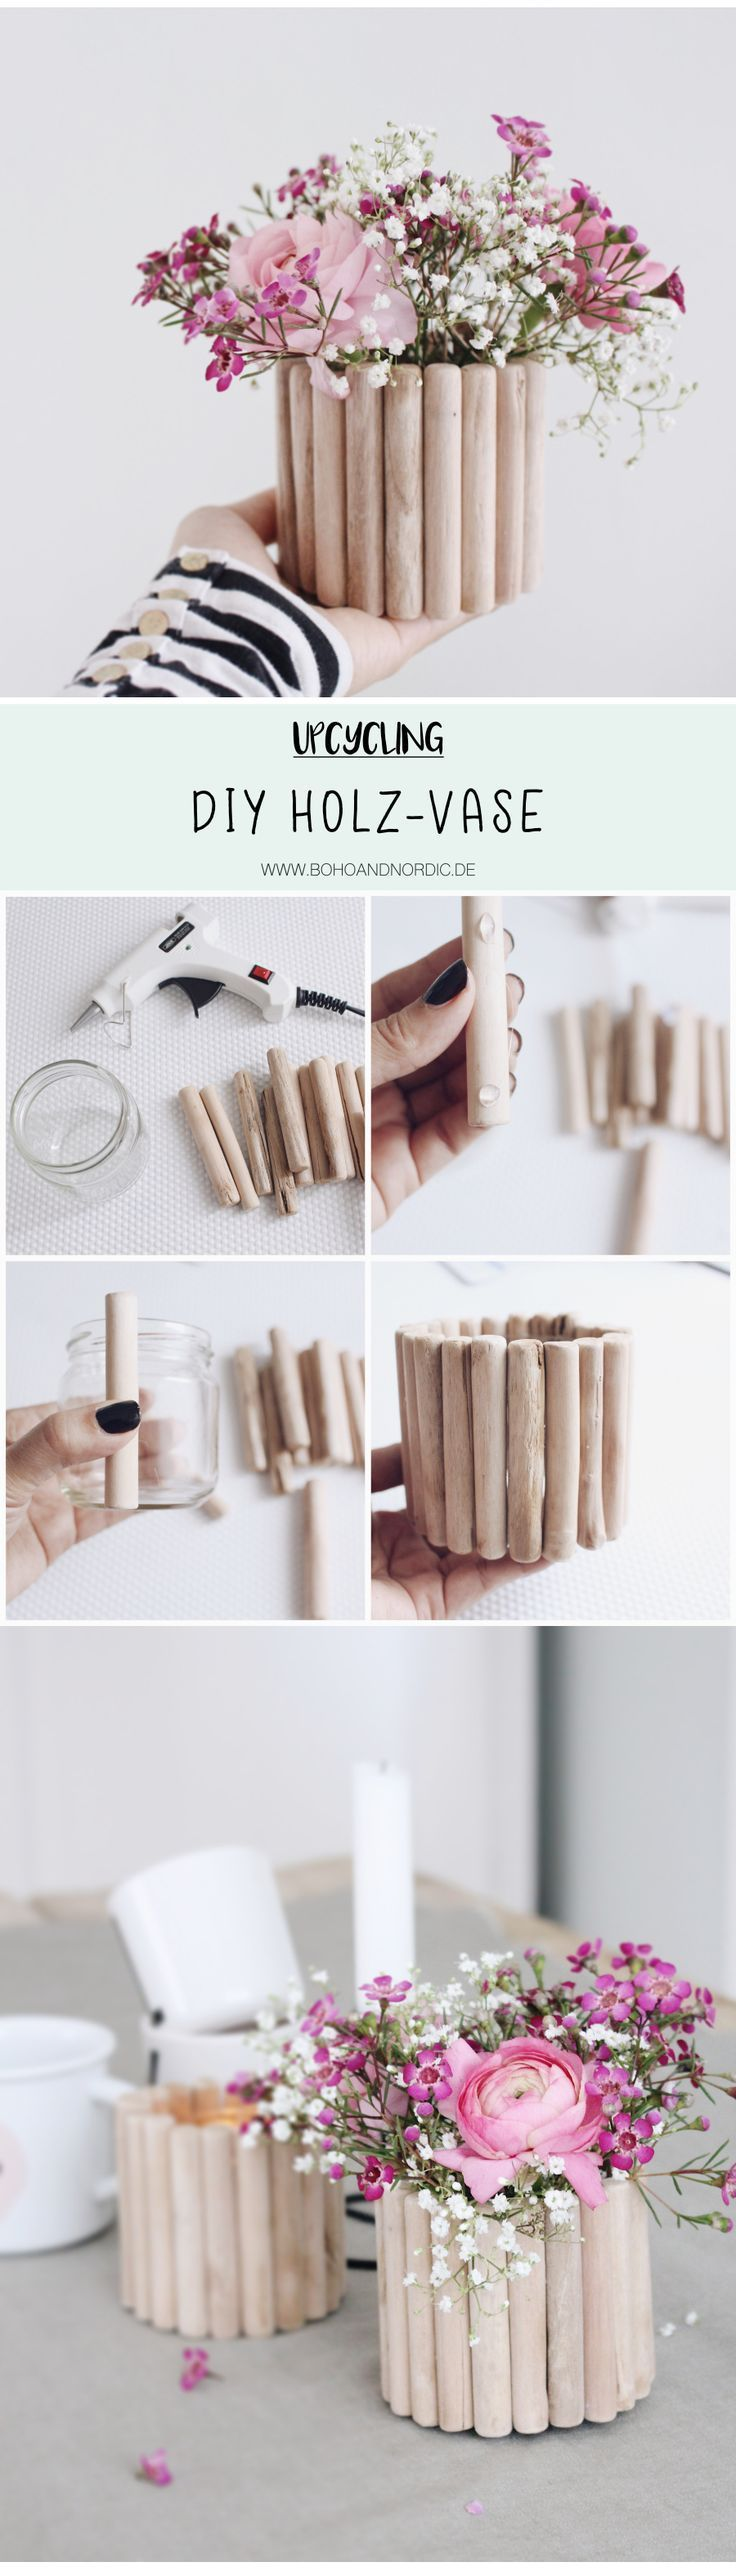 Upcycling: DIY Vase aus Holz selber machen. Schöne Dekoration aus Holz schnell und einfach selber machen. Einfache Bastelidee mit Holz. Vase und Kerzenhalter einfach selber basteln. DIY mit Holz. Geschenk zum Muttertag und Geburtstag selber machen. Kreative DIY IDEE zum nachmachen.